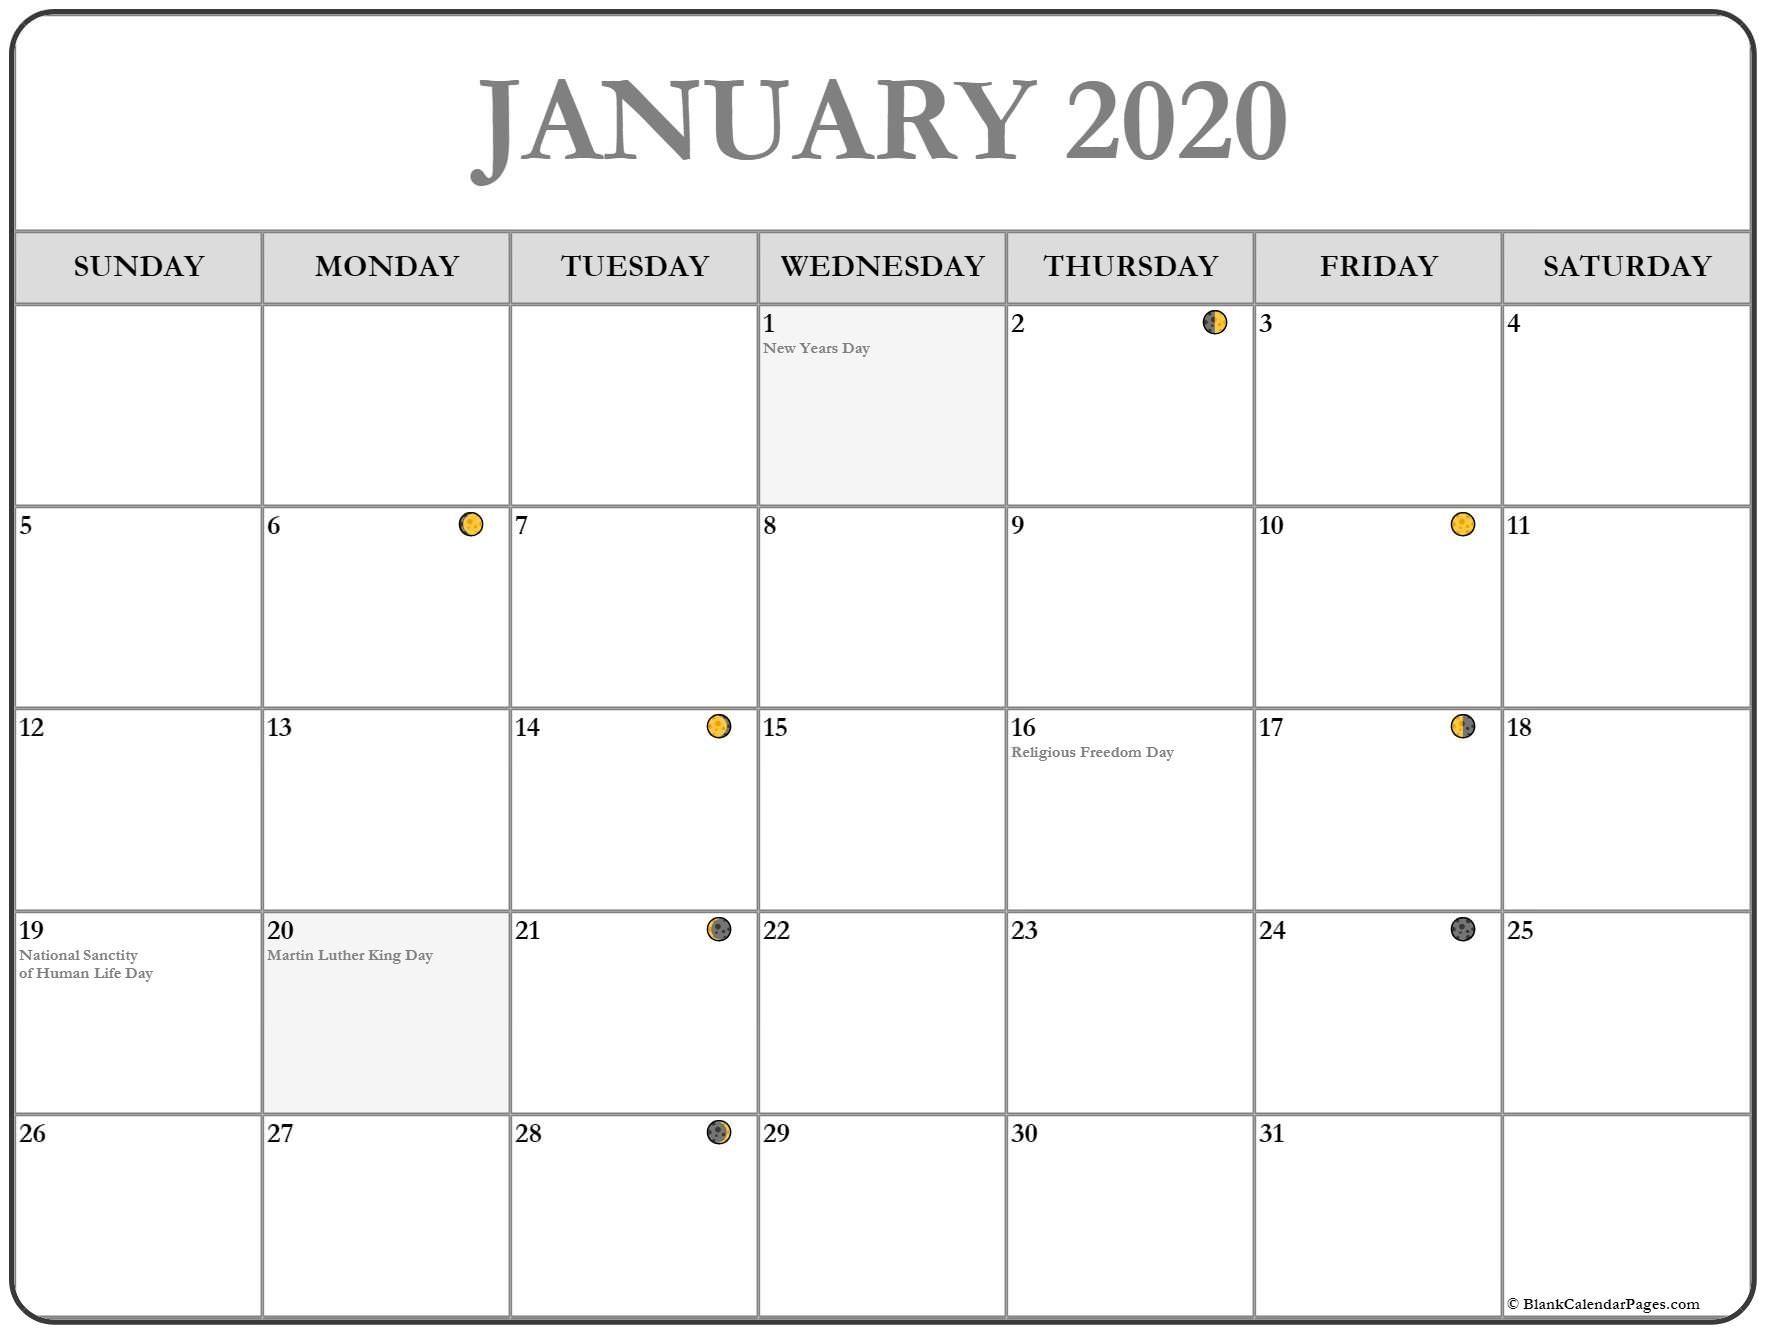 New Full Moon Phases For January 2020 Lunar Calendar